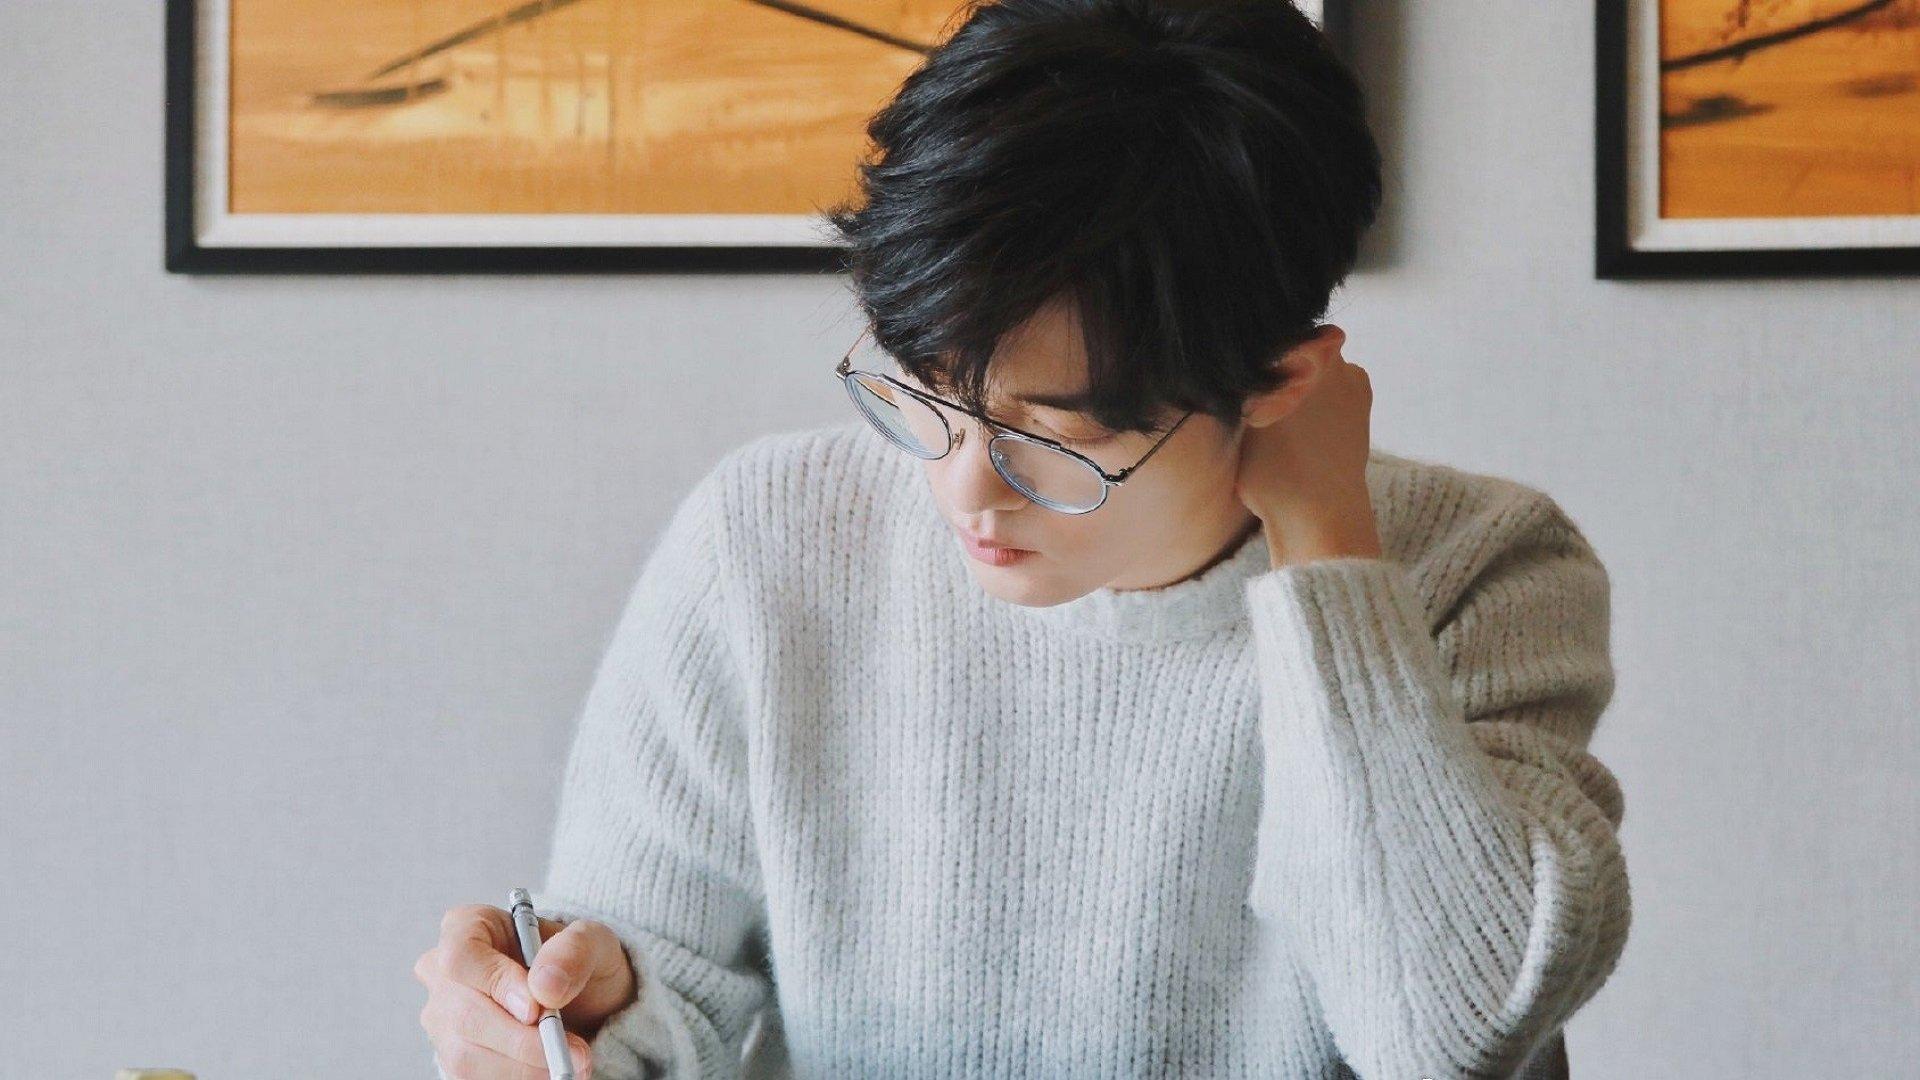 网站seo的title中关键词之间用什么符号隔开?